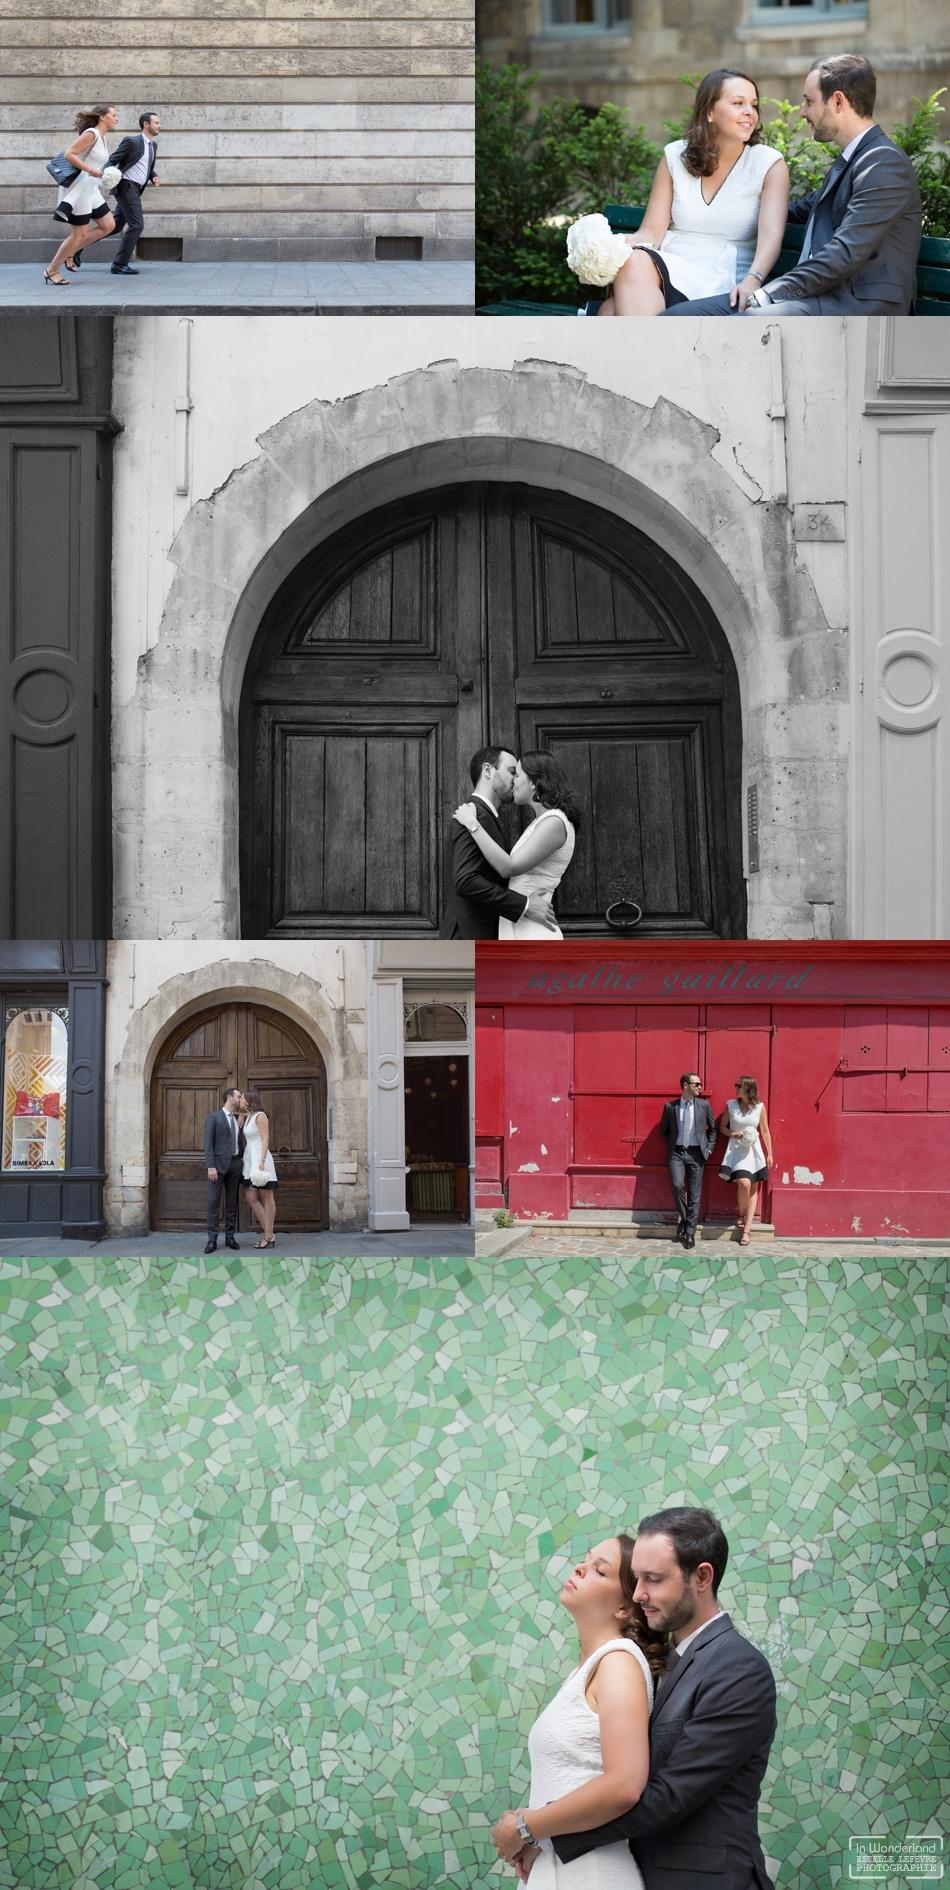 Mariage civil photos de couple dans le Mariais à Paris